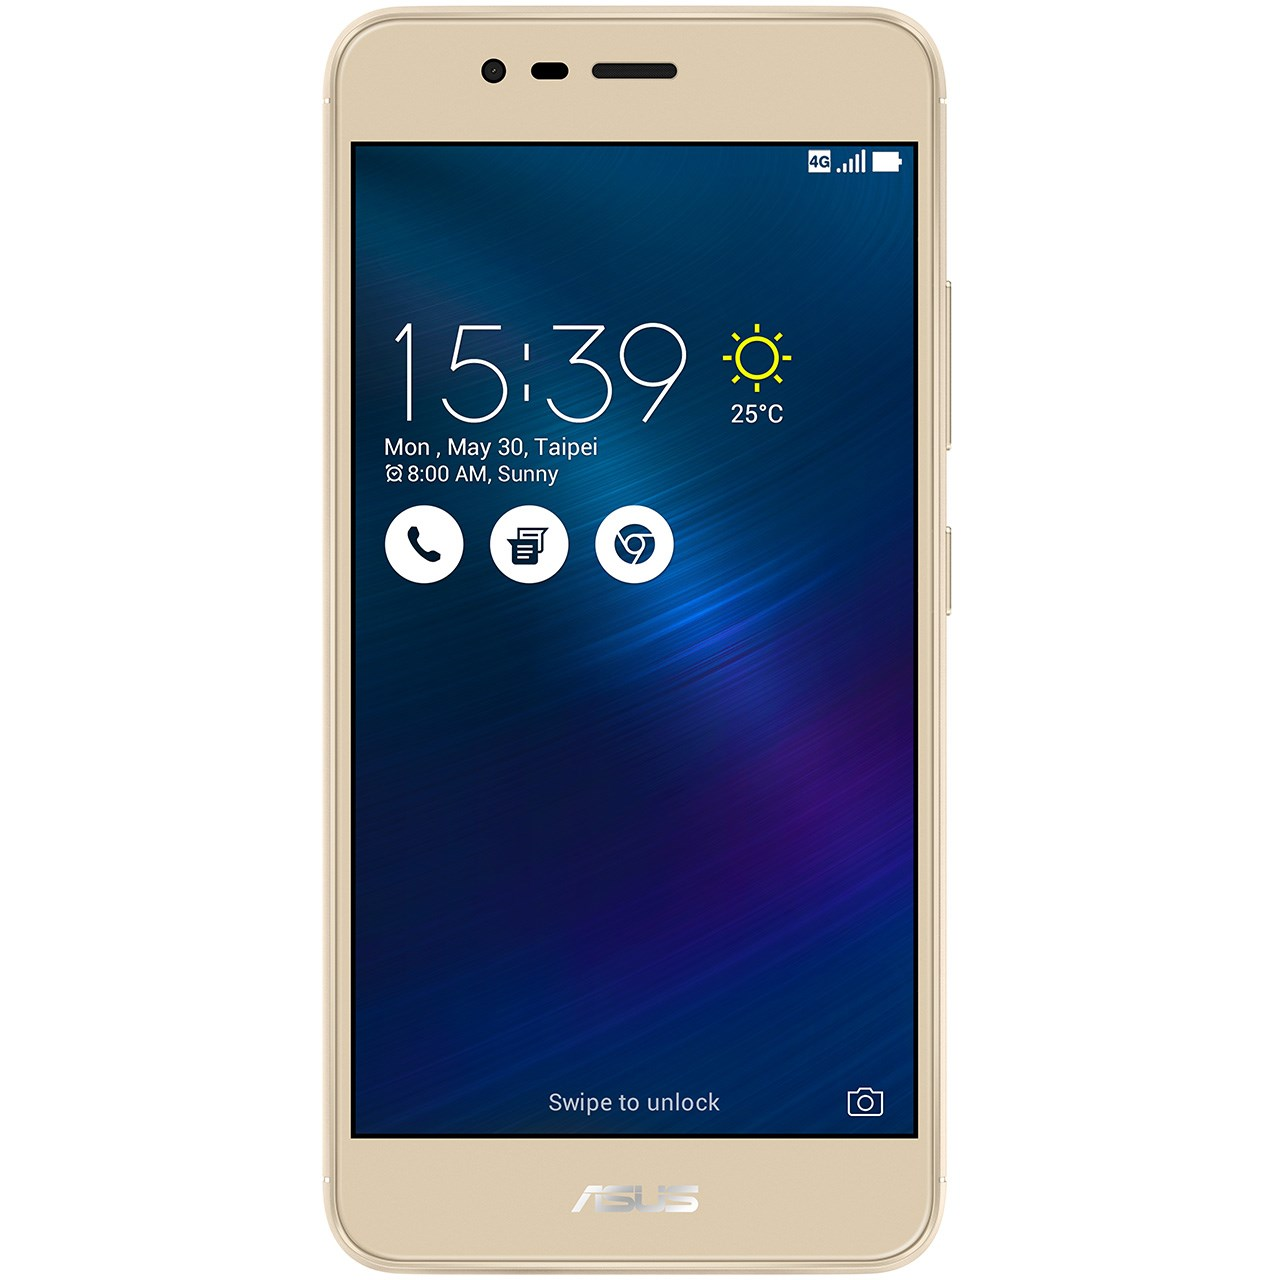 گوشی موبایل ایسوس مدل Zenfone 3 Max ZC520TL دو سیم کارت ظرفیت 32 گیگابایت  - با برچسب قیمت مصرف کننده